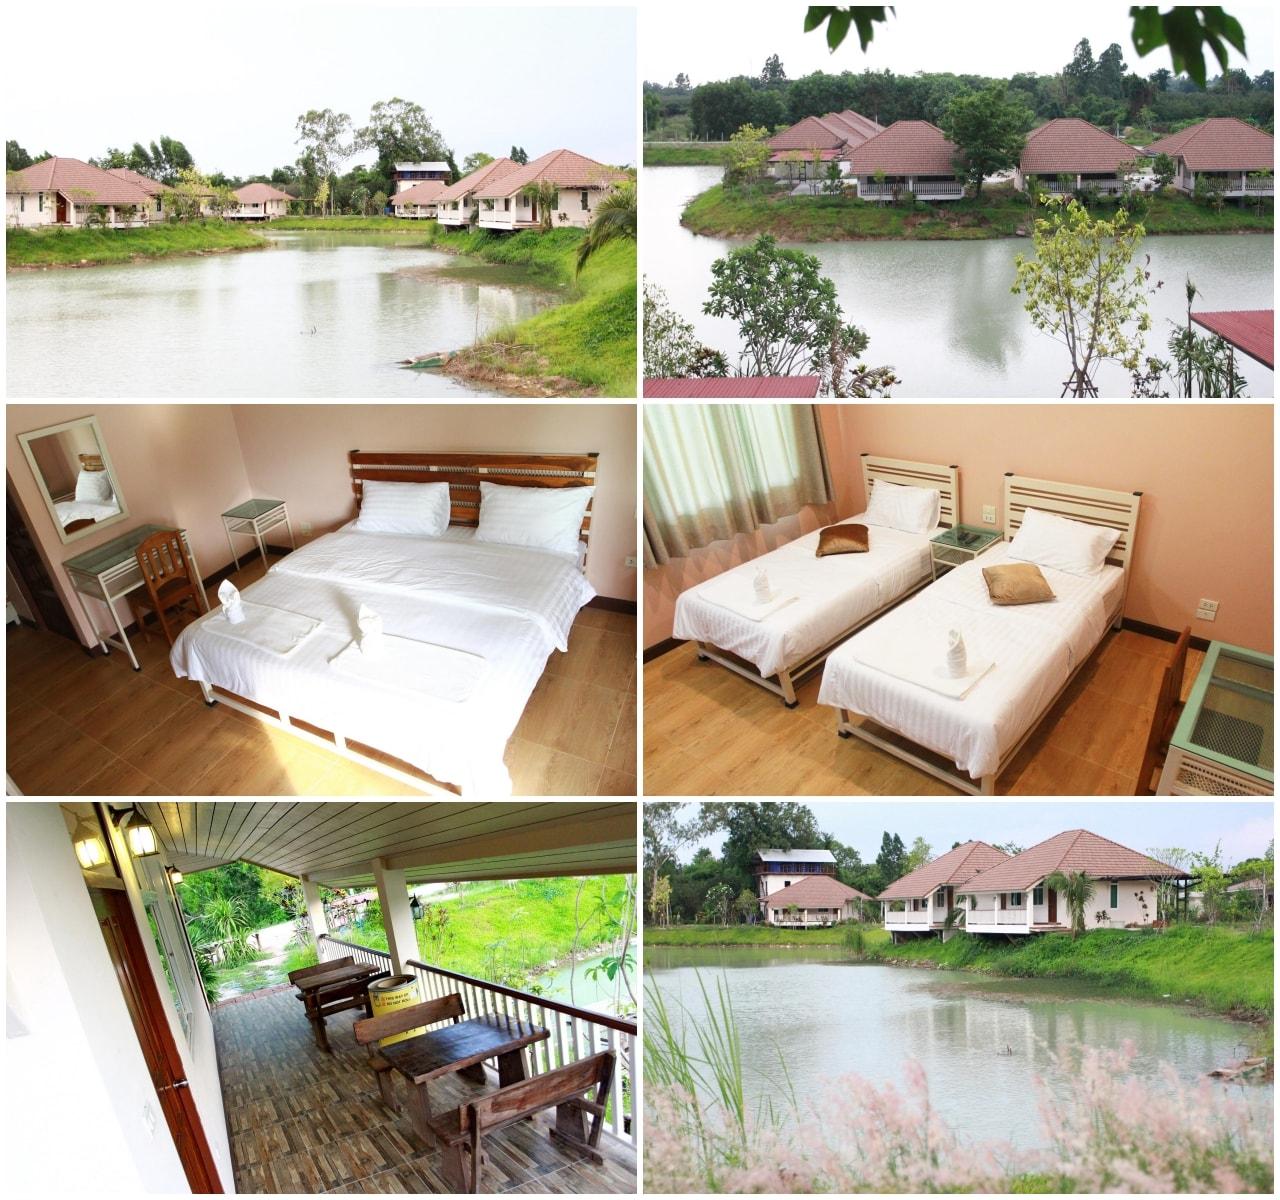 รีวิว!! 9 ที่พักปราจีนบุรีสวยๆ บรรยากาศดี น่าเข้าพัก เริ่มต้นแค่ 700 บาท